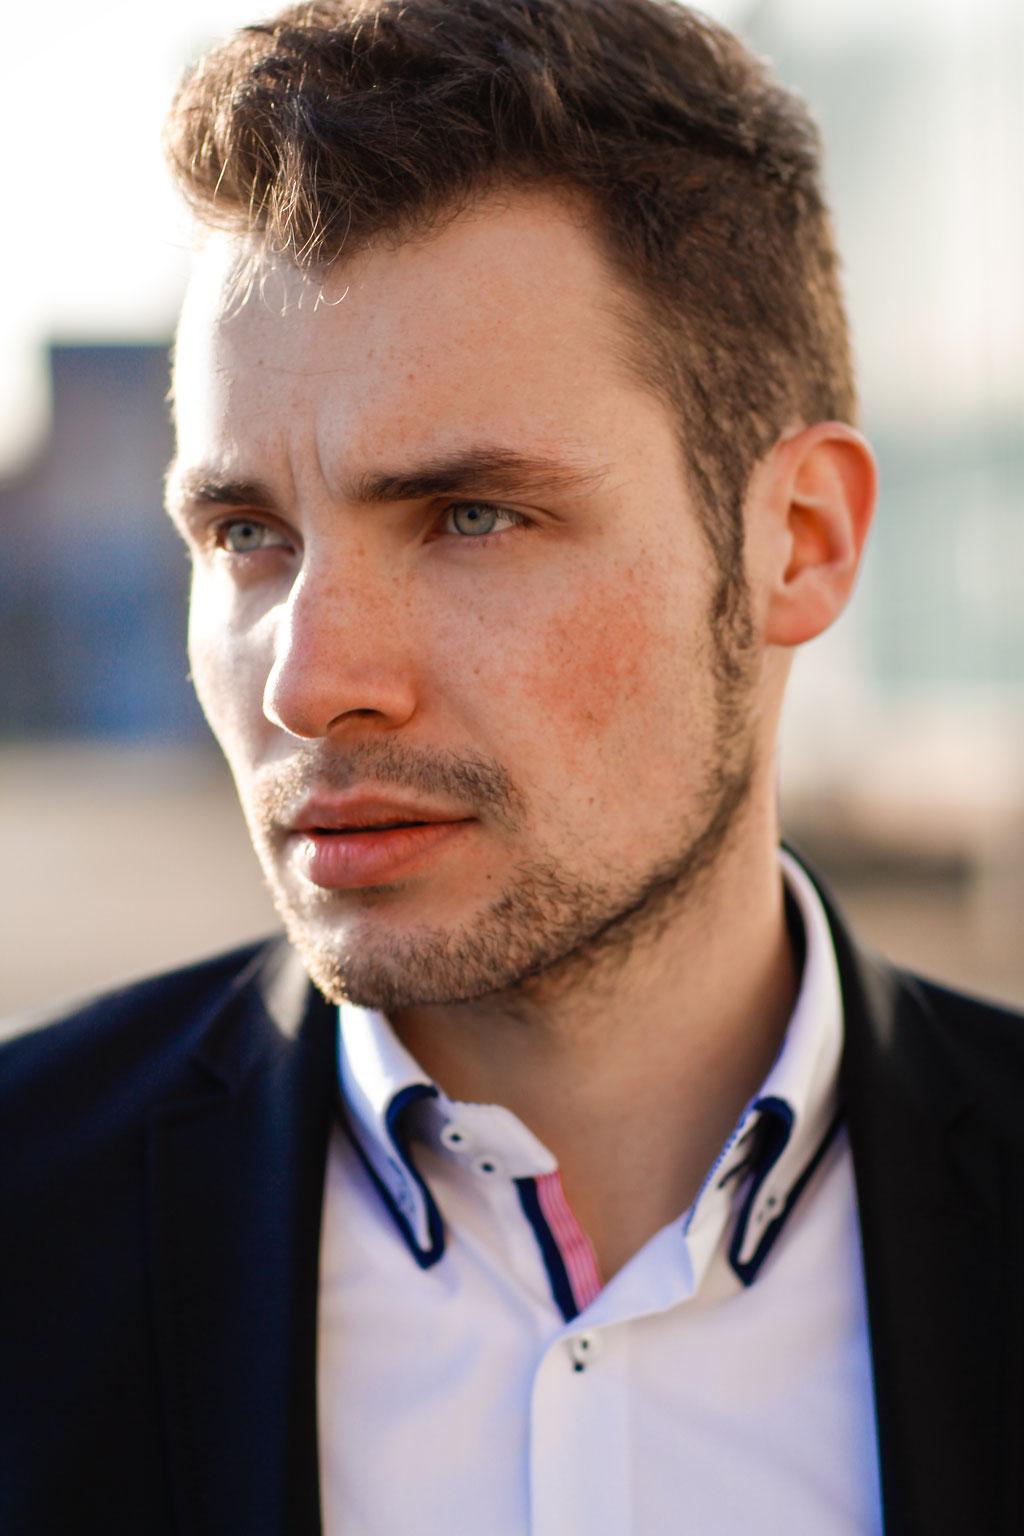 Männerportrait outdoor | Hendrikje Richert Fotografie| Neubrandenburg| Greifswald| Mecklenburg- Vorpommern| Anzug| Business| Industriegebiet| Mann| 85mm 1.2| Gegenlicht|